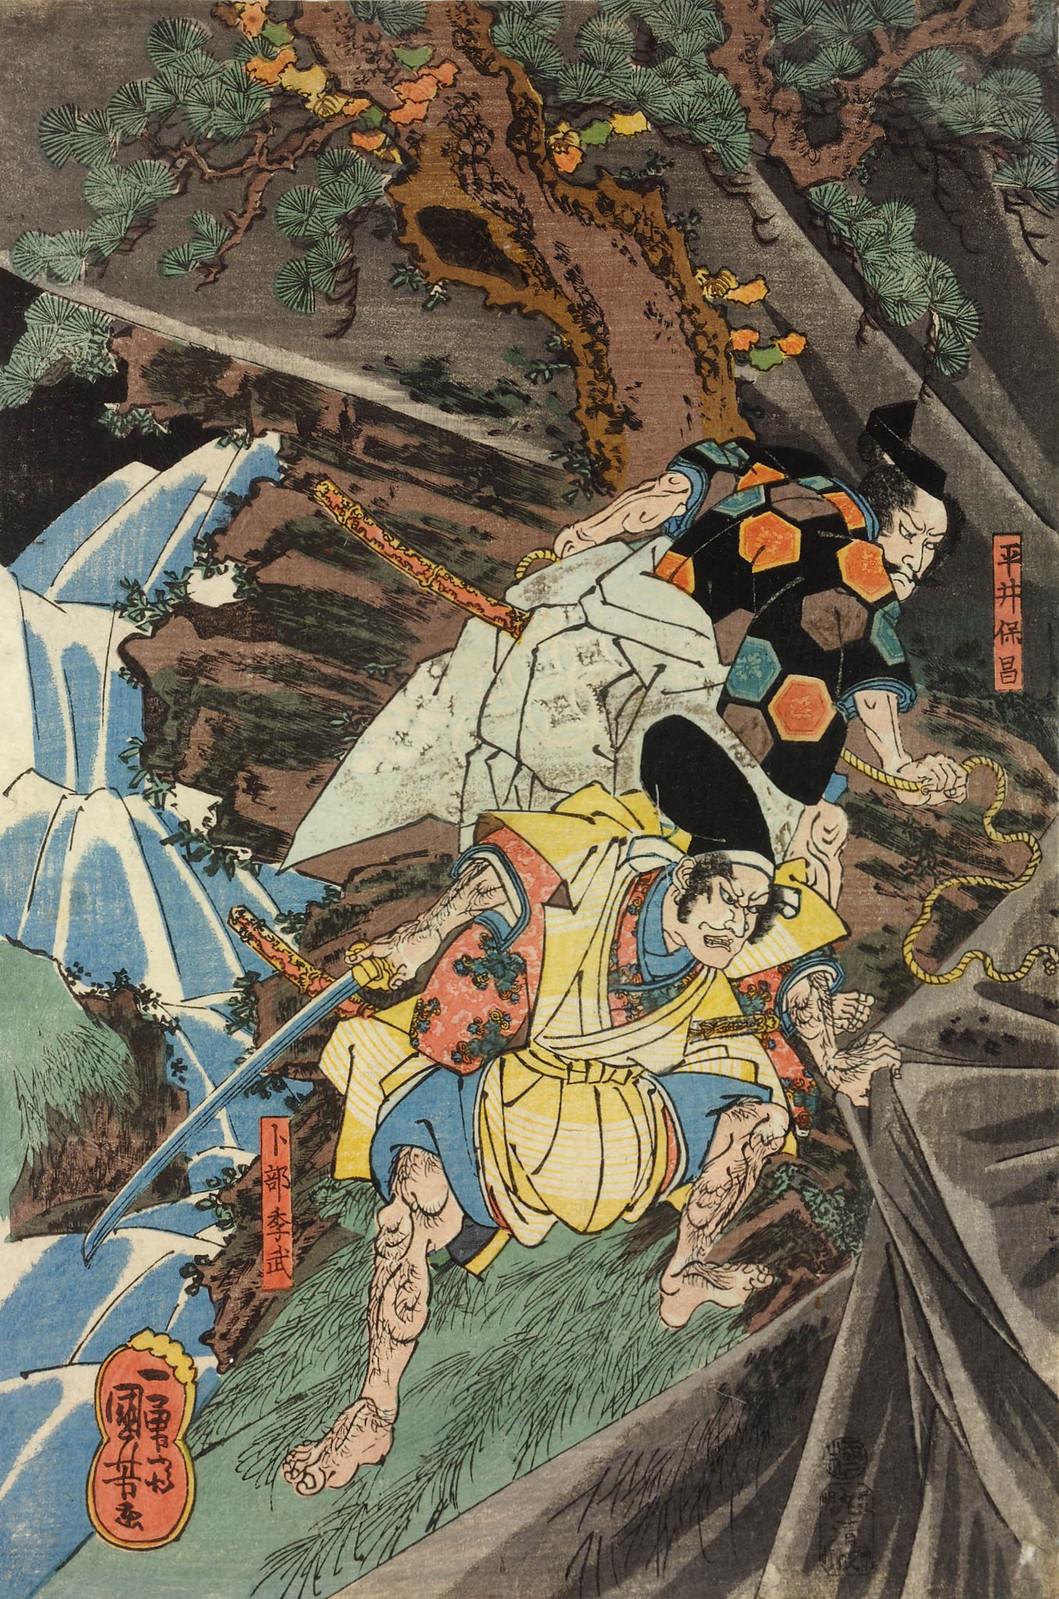 Utagawa Kuniyoshi - Minamoto no Yorimitsu no shitenno tsuchigumo taiji no zu, (The Earth Spider slain by Minamoto no Yorimitsu's retainers) 18th c (left panel)